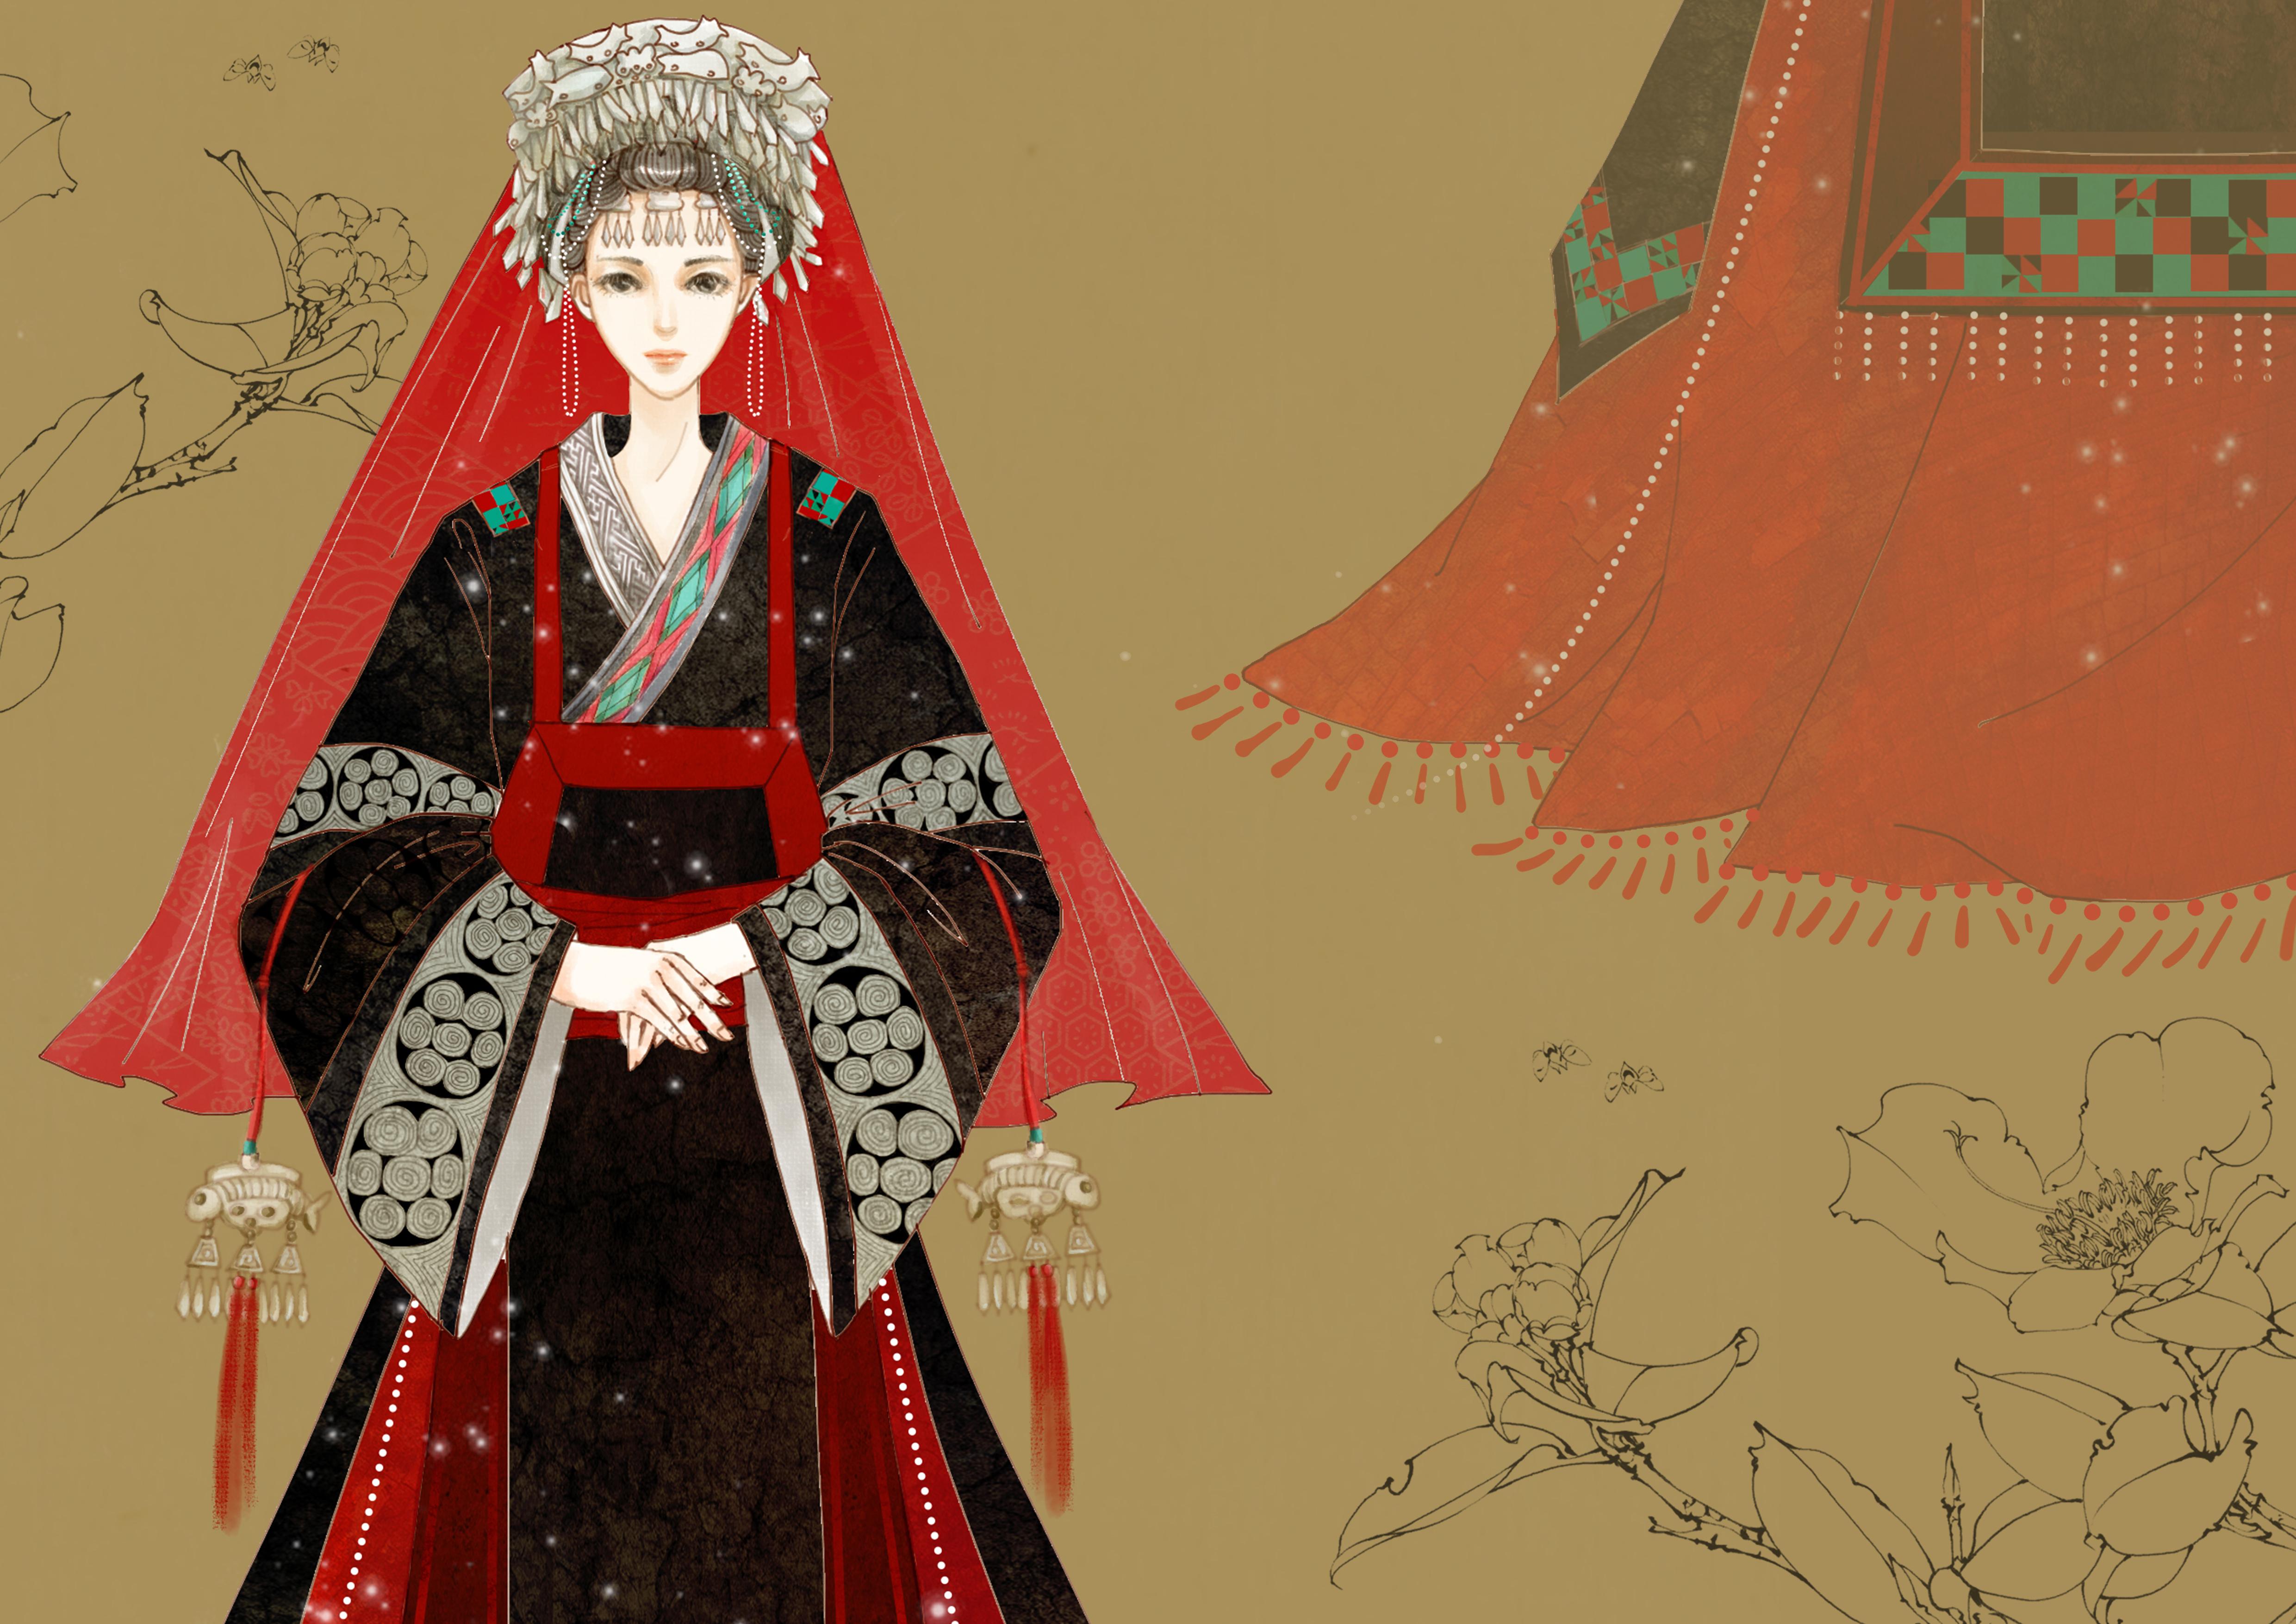 彩铅手绘美女嫁衣